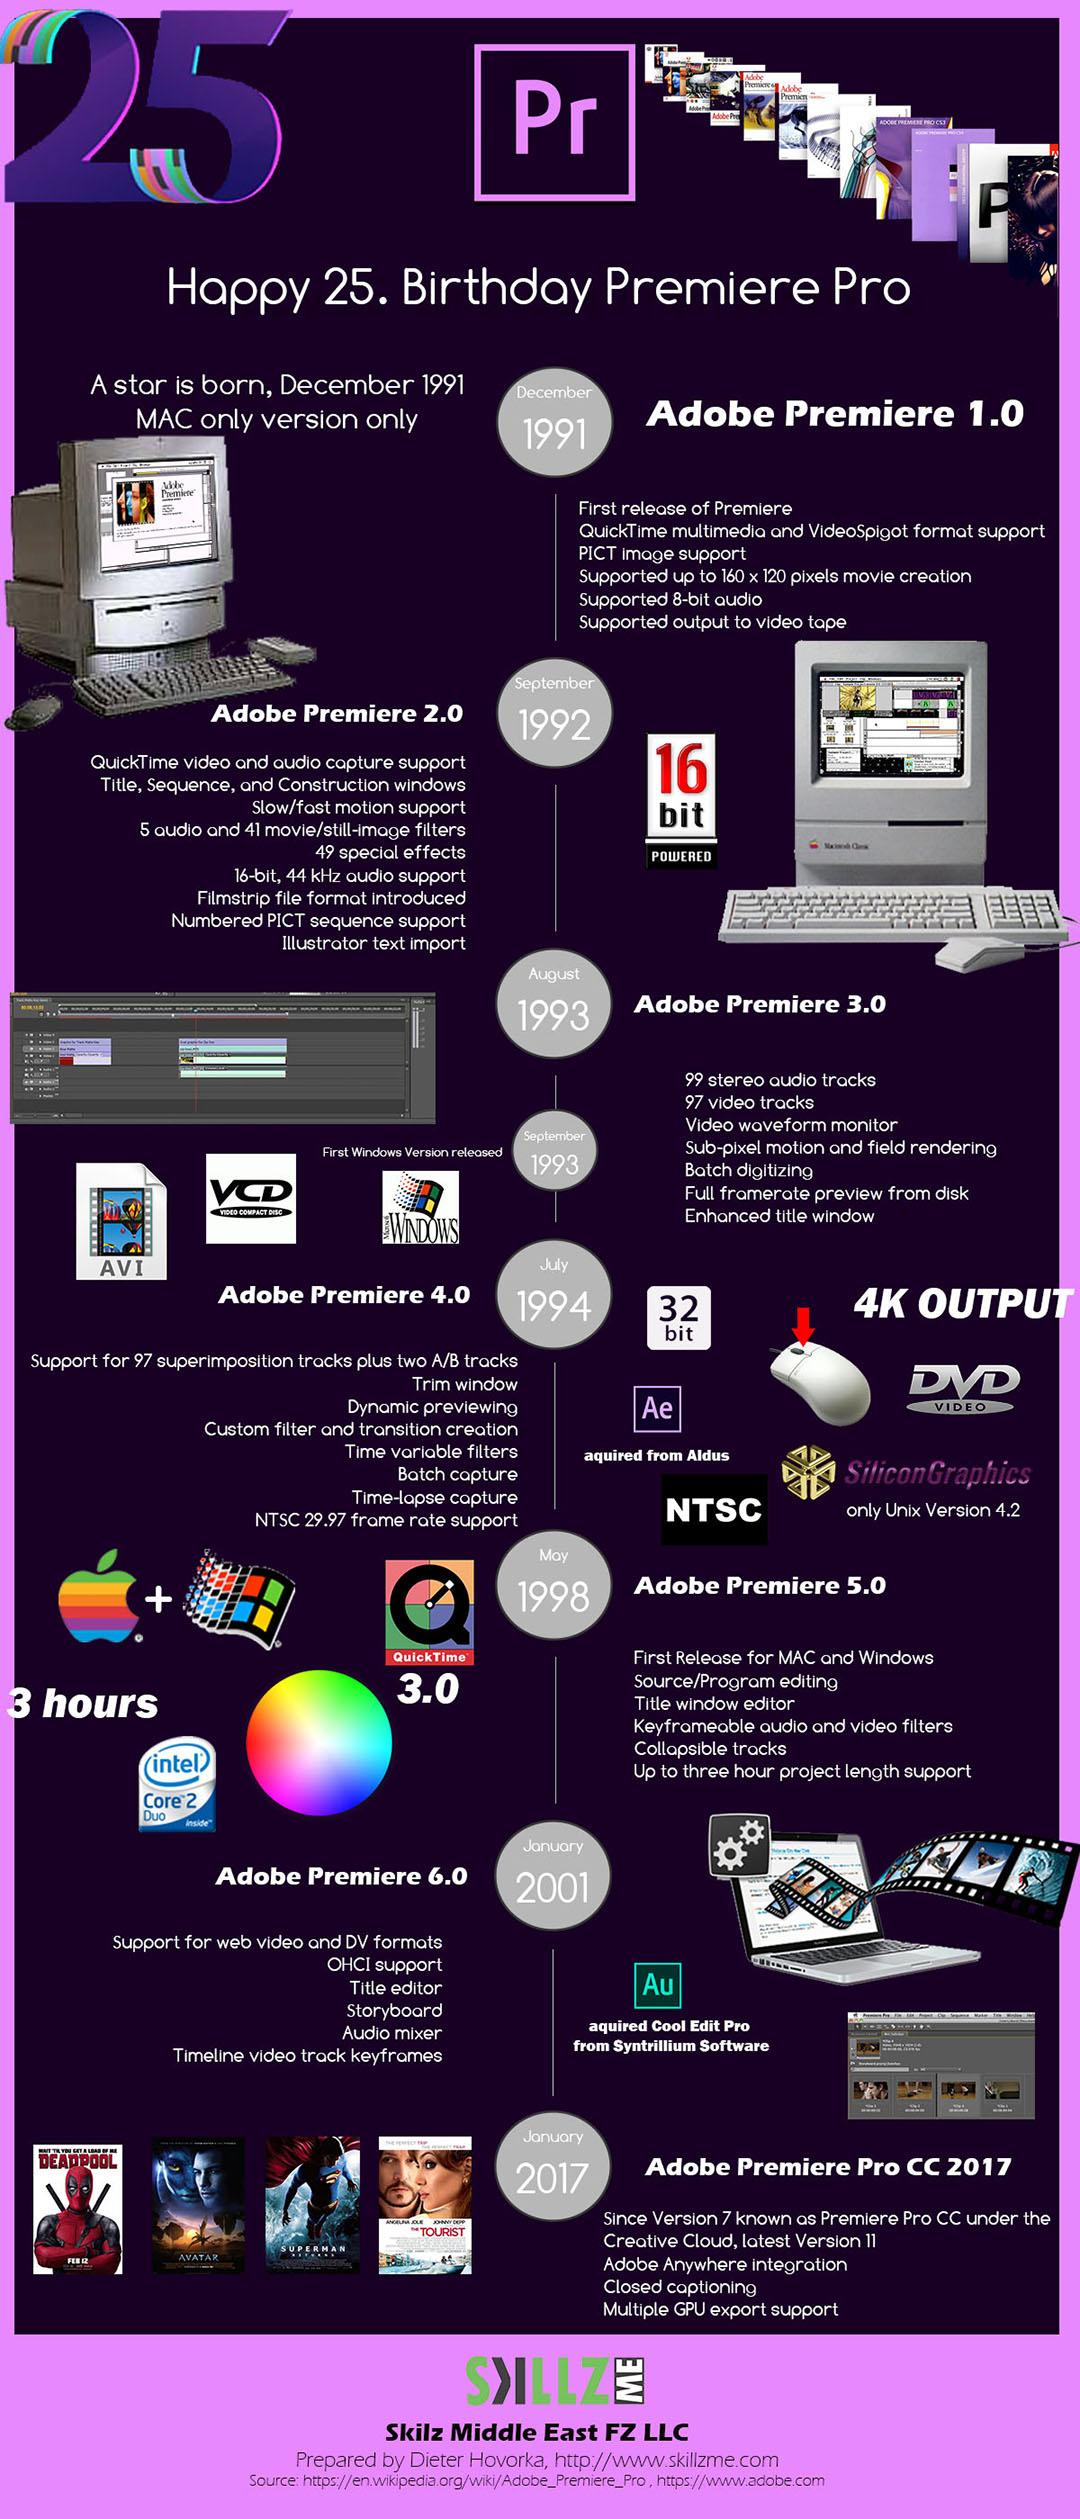 Adobe Premiere Pro anniversary Infographic